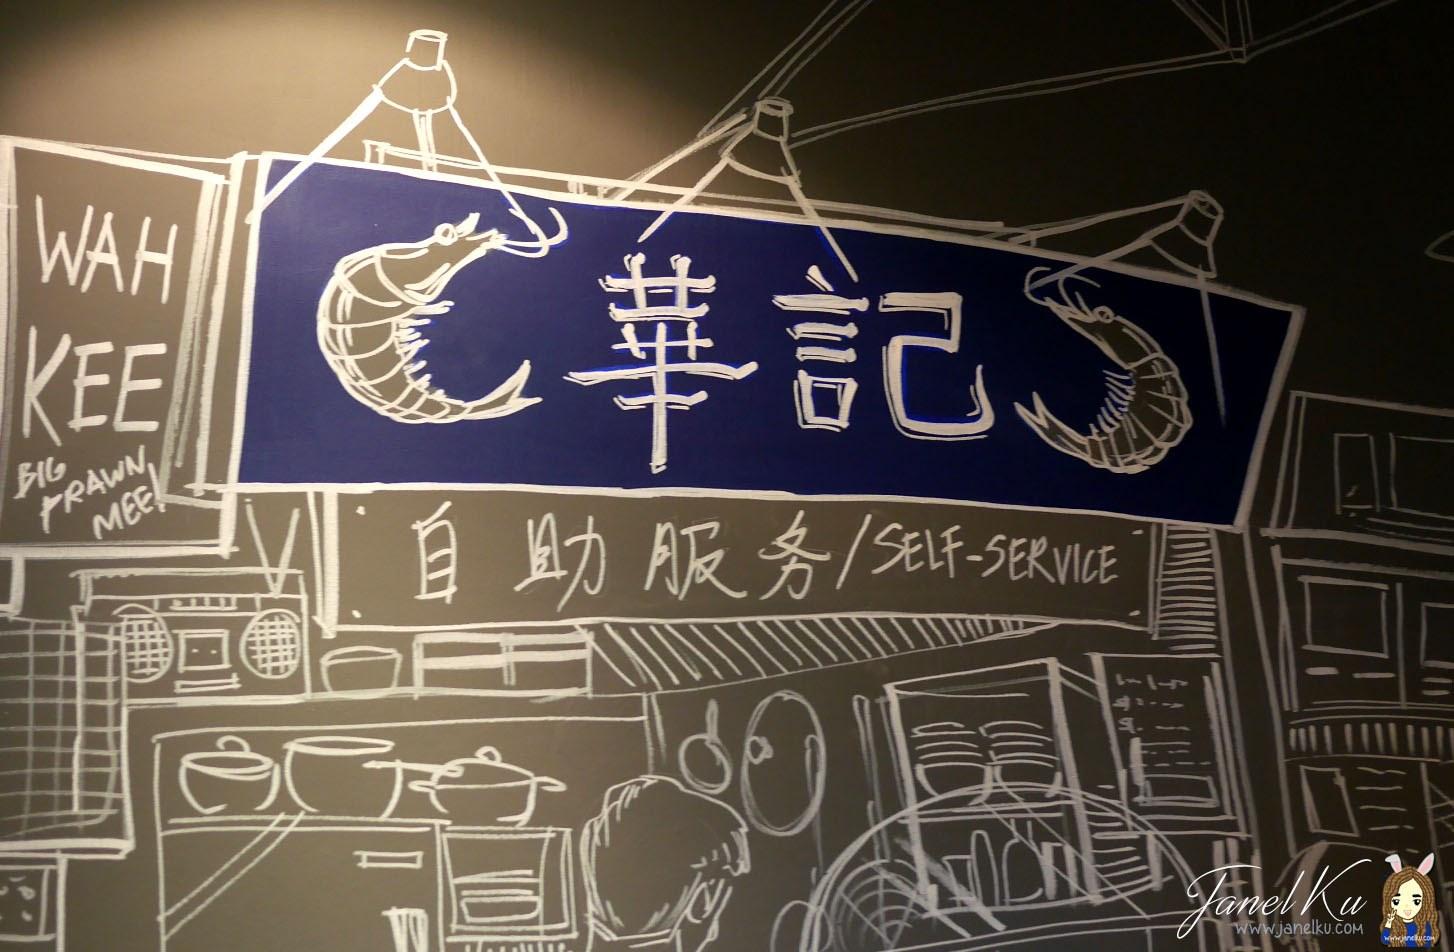 Pek Kio's Famous Wah Kee Big Prawn Noodles 华记大虾面, now in Esplanade